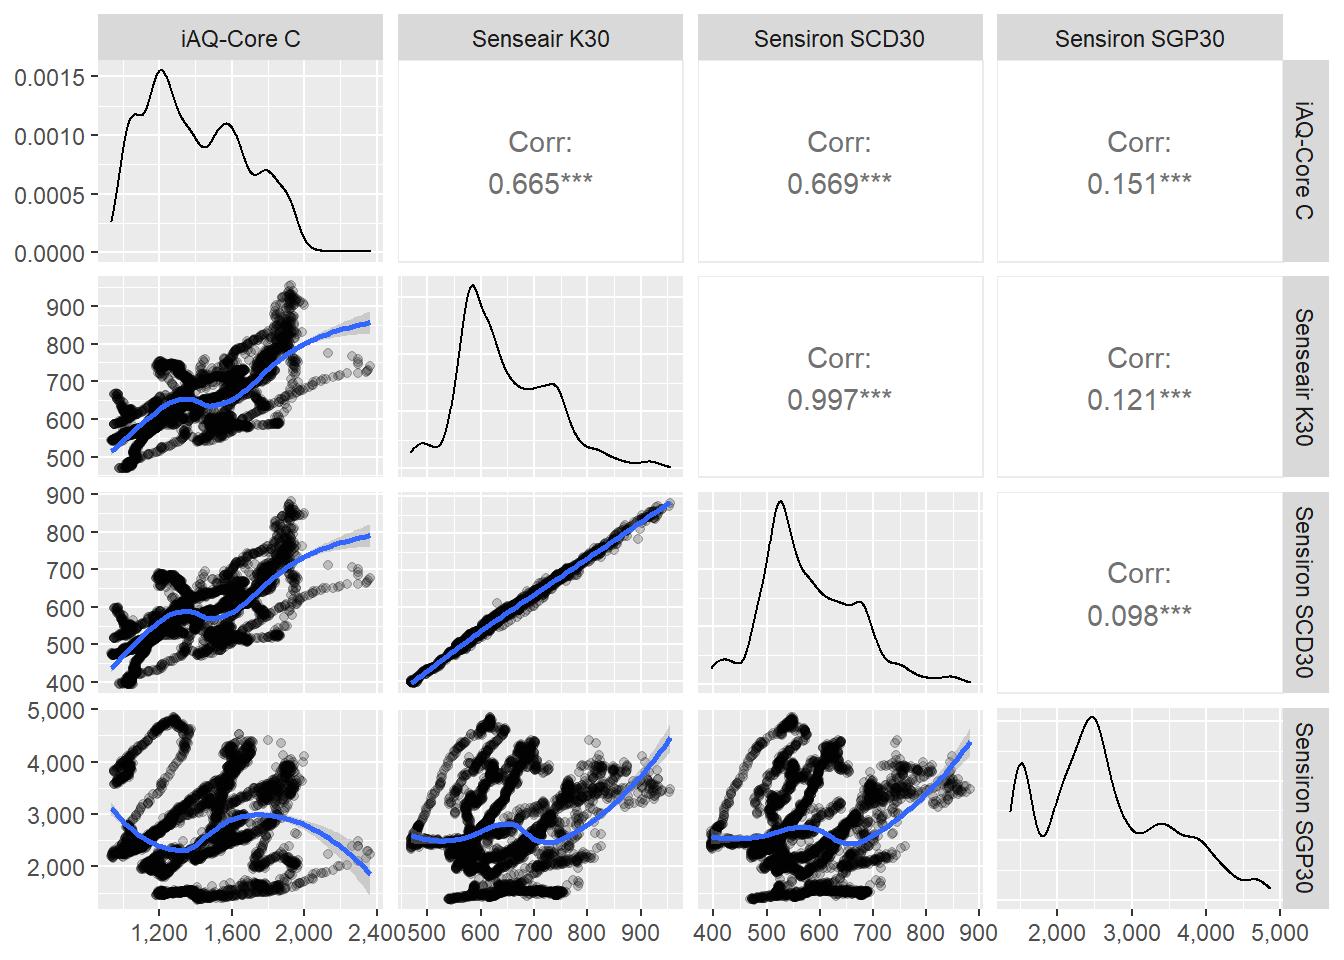 Sensor correlation for CO2 readings